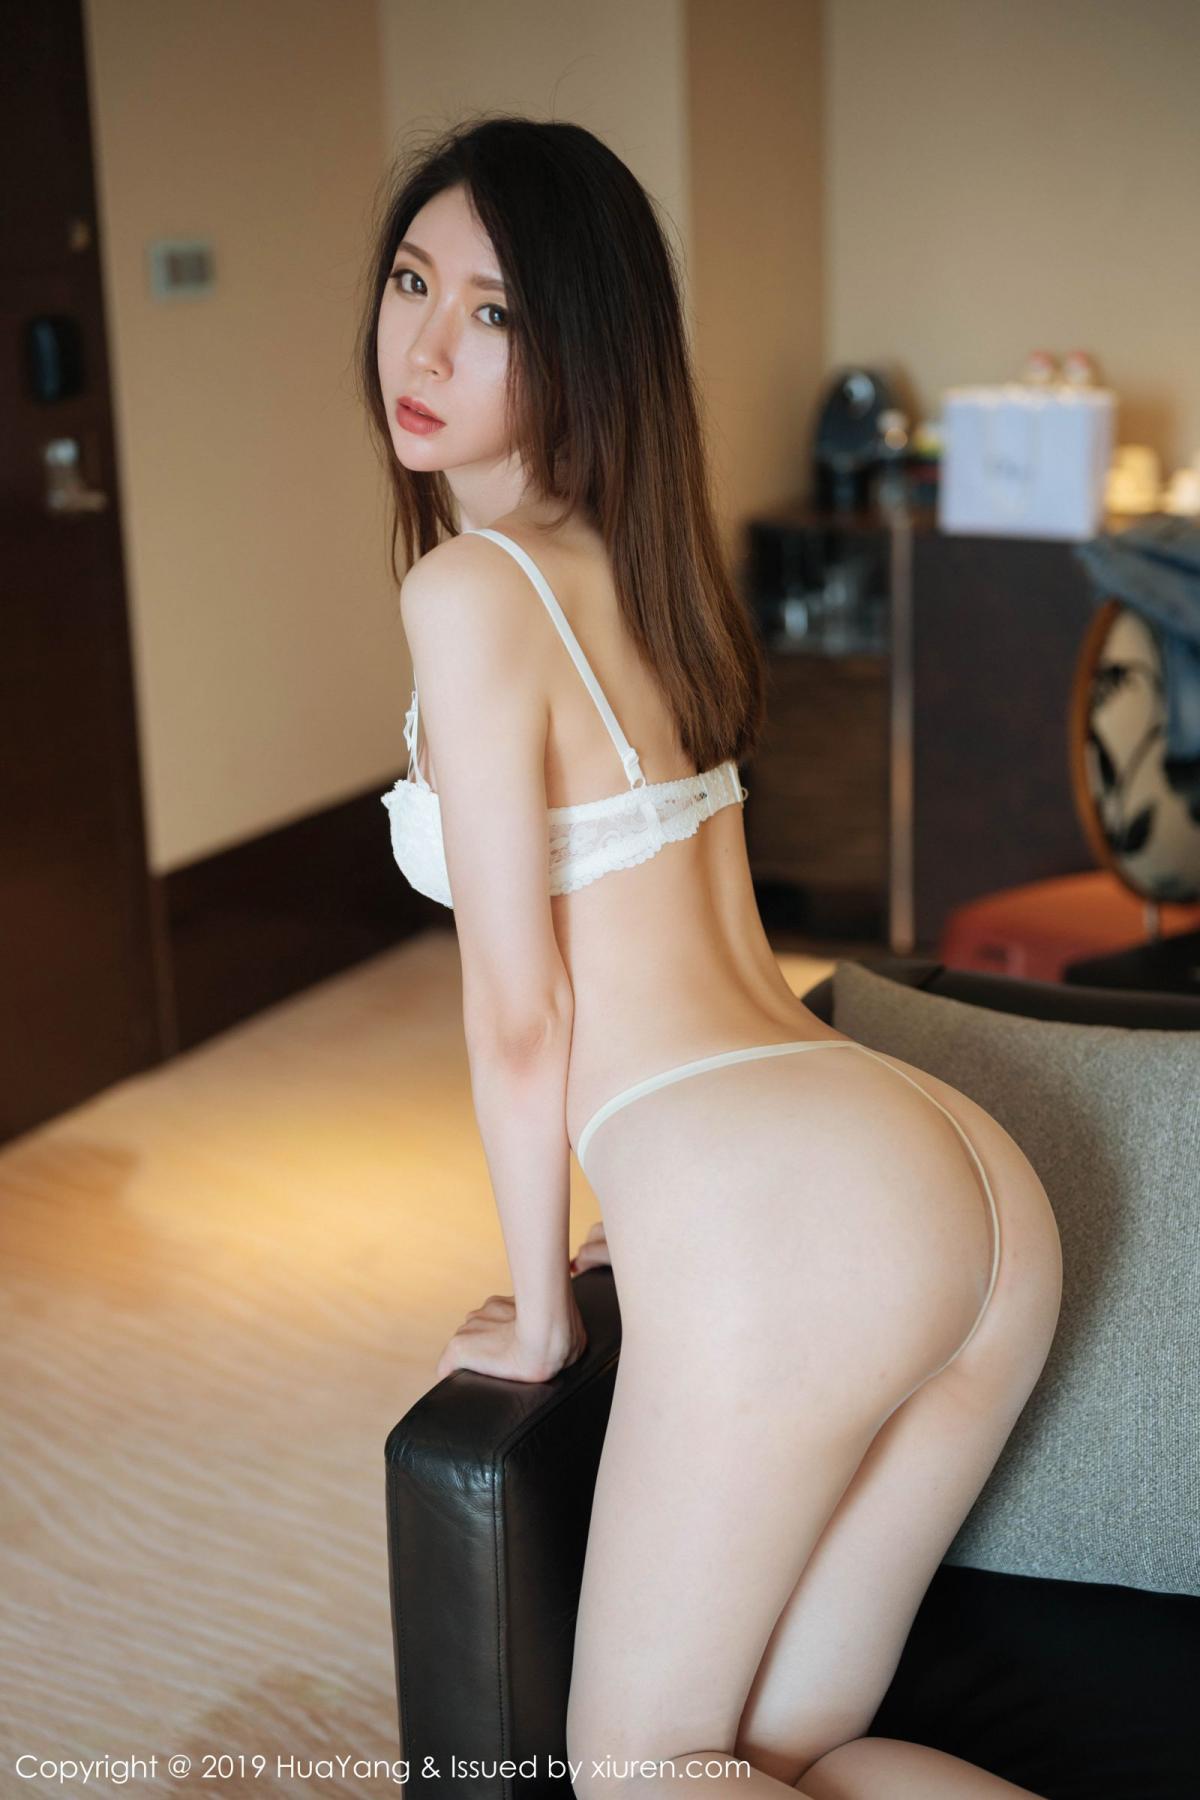 [Huayang] Vol.170 Meng Xin Yue 15P, HuaYang, Meng Xin Yue, Tall, Underwear